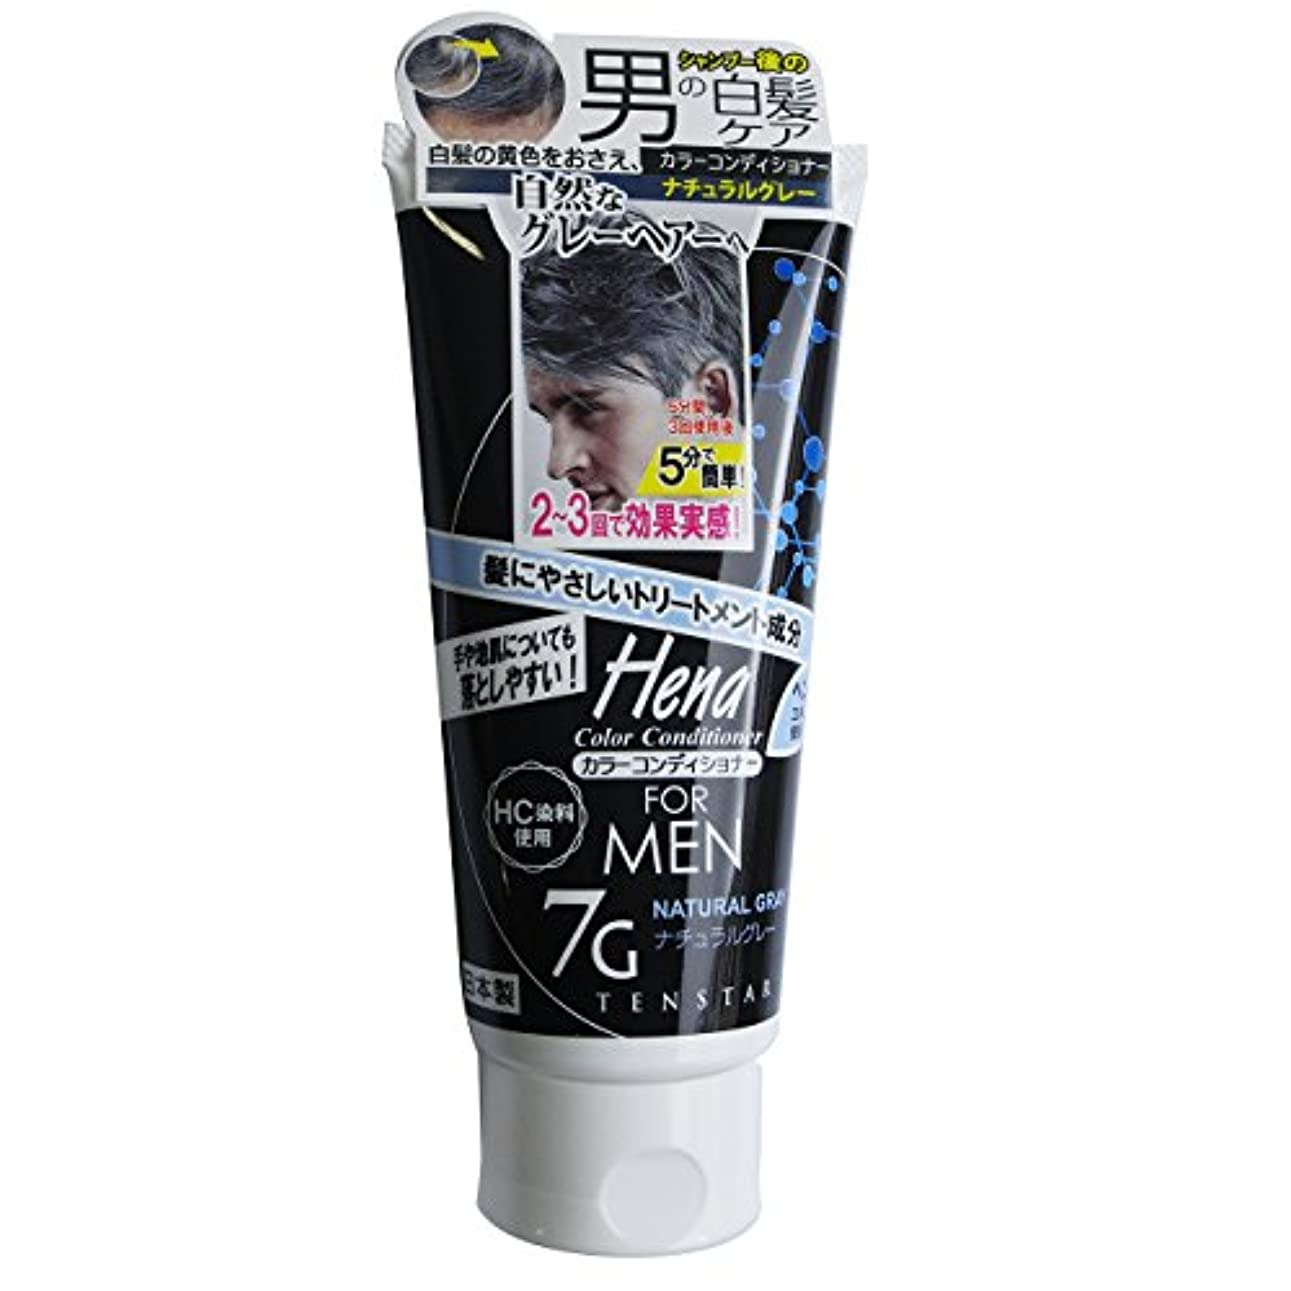 温帯ベンチャー薬テンスター カラーコンディショナー for MEN ナチュラルグレー 178g